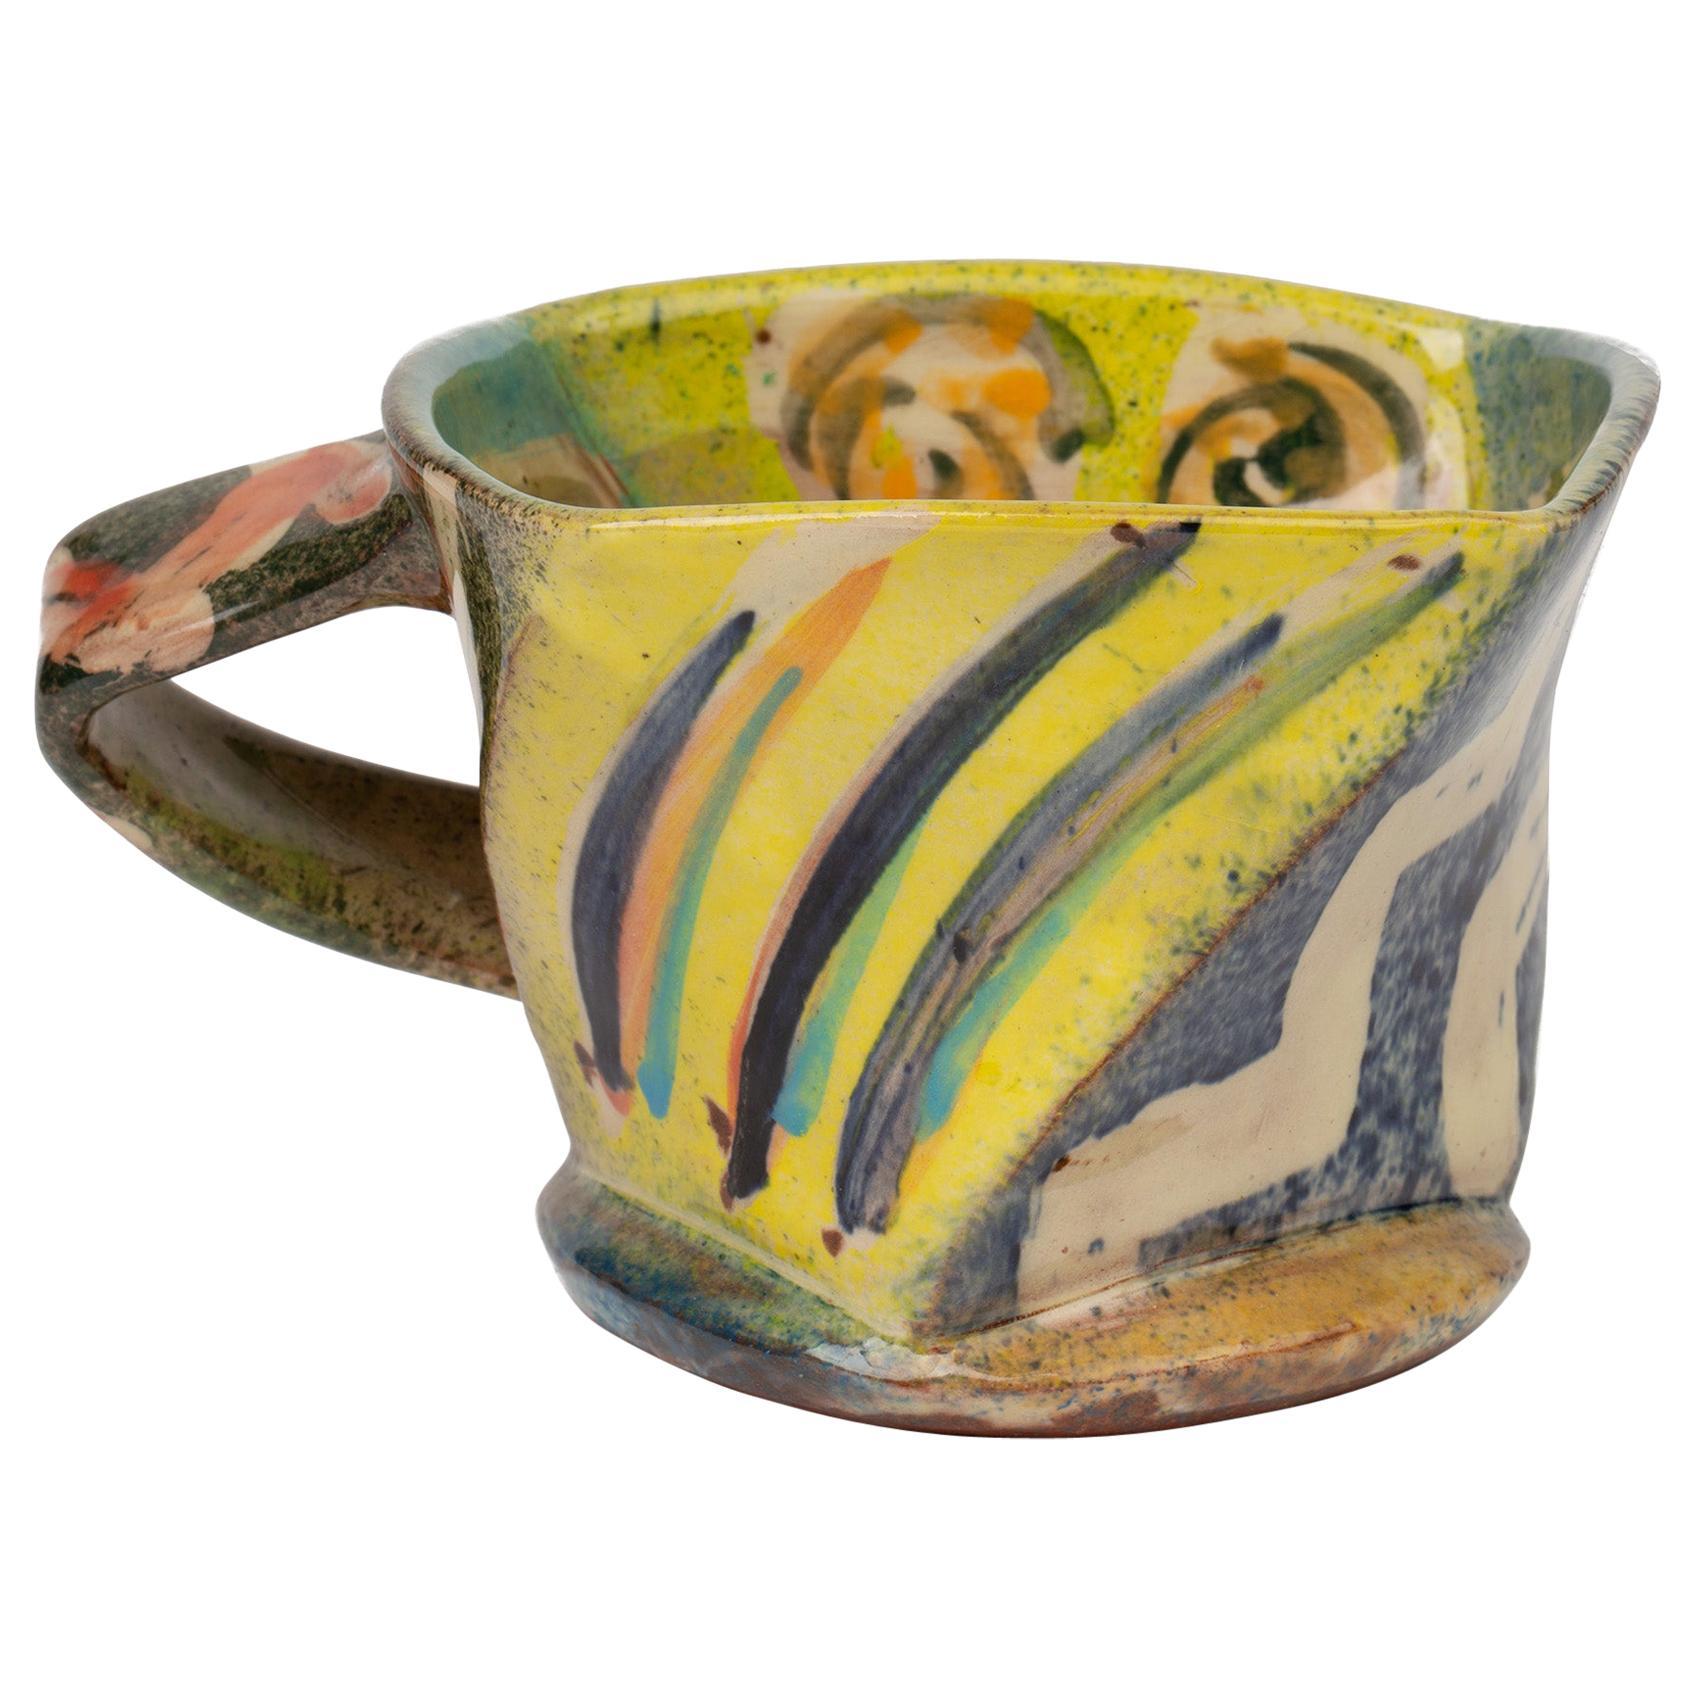 Paul Northmore Jackson Abstract Colorful Hand Painted Studio Pottery Mug, 1993